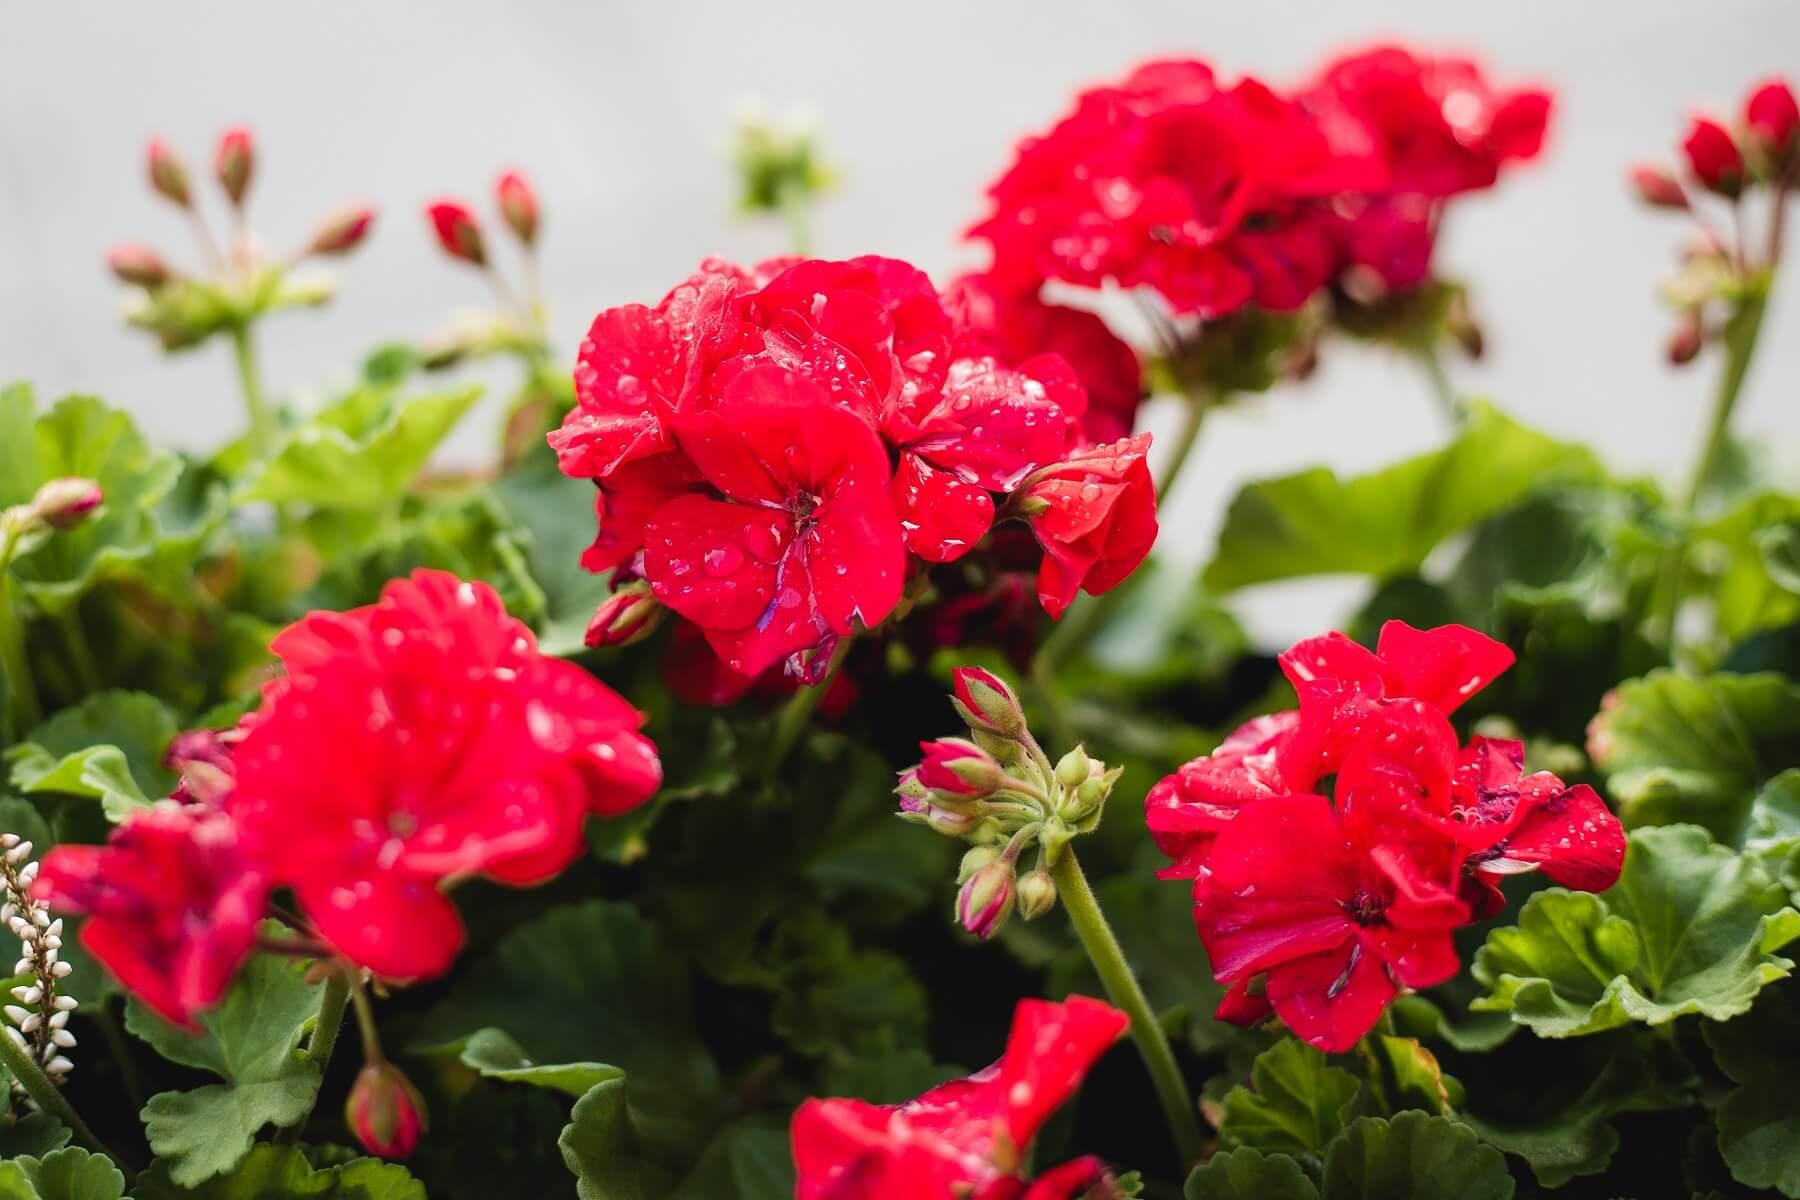 pelargonie - popularne kwiaty balkonowe